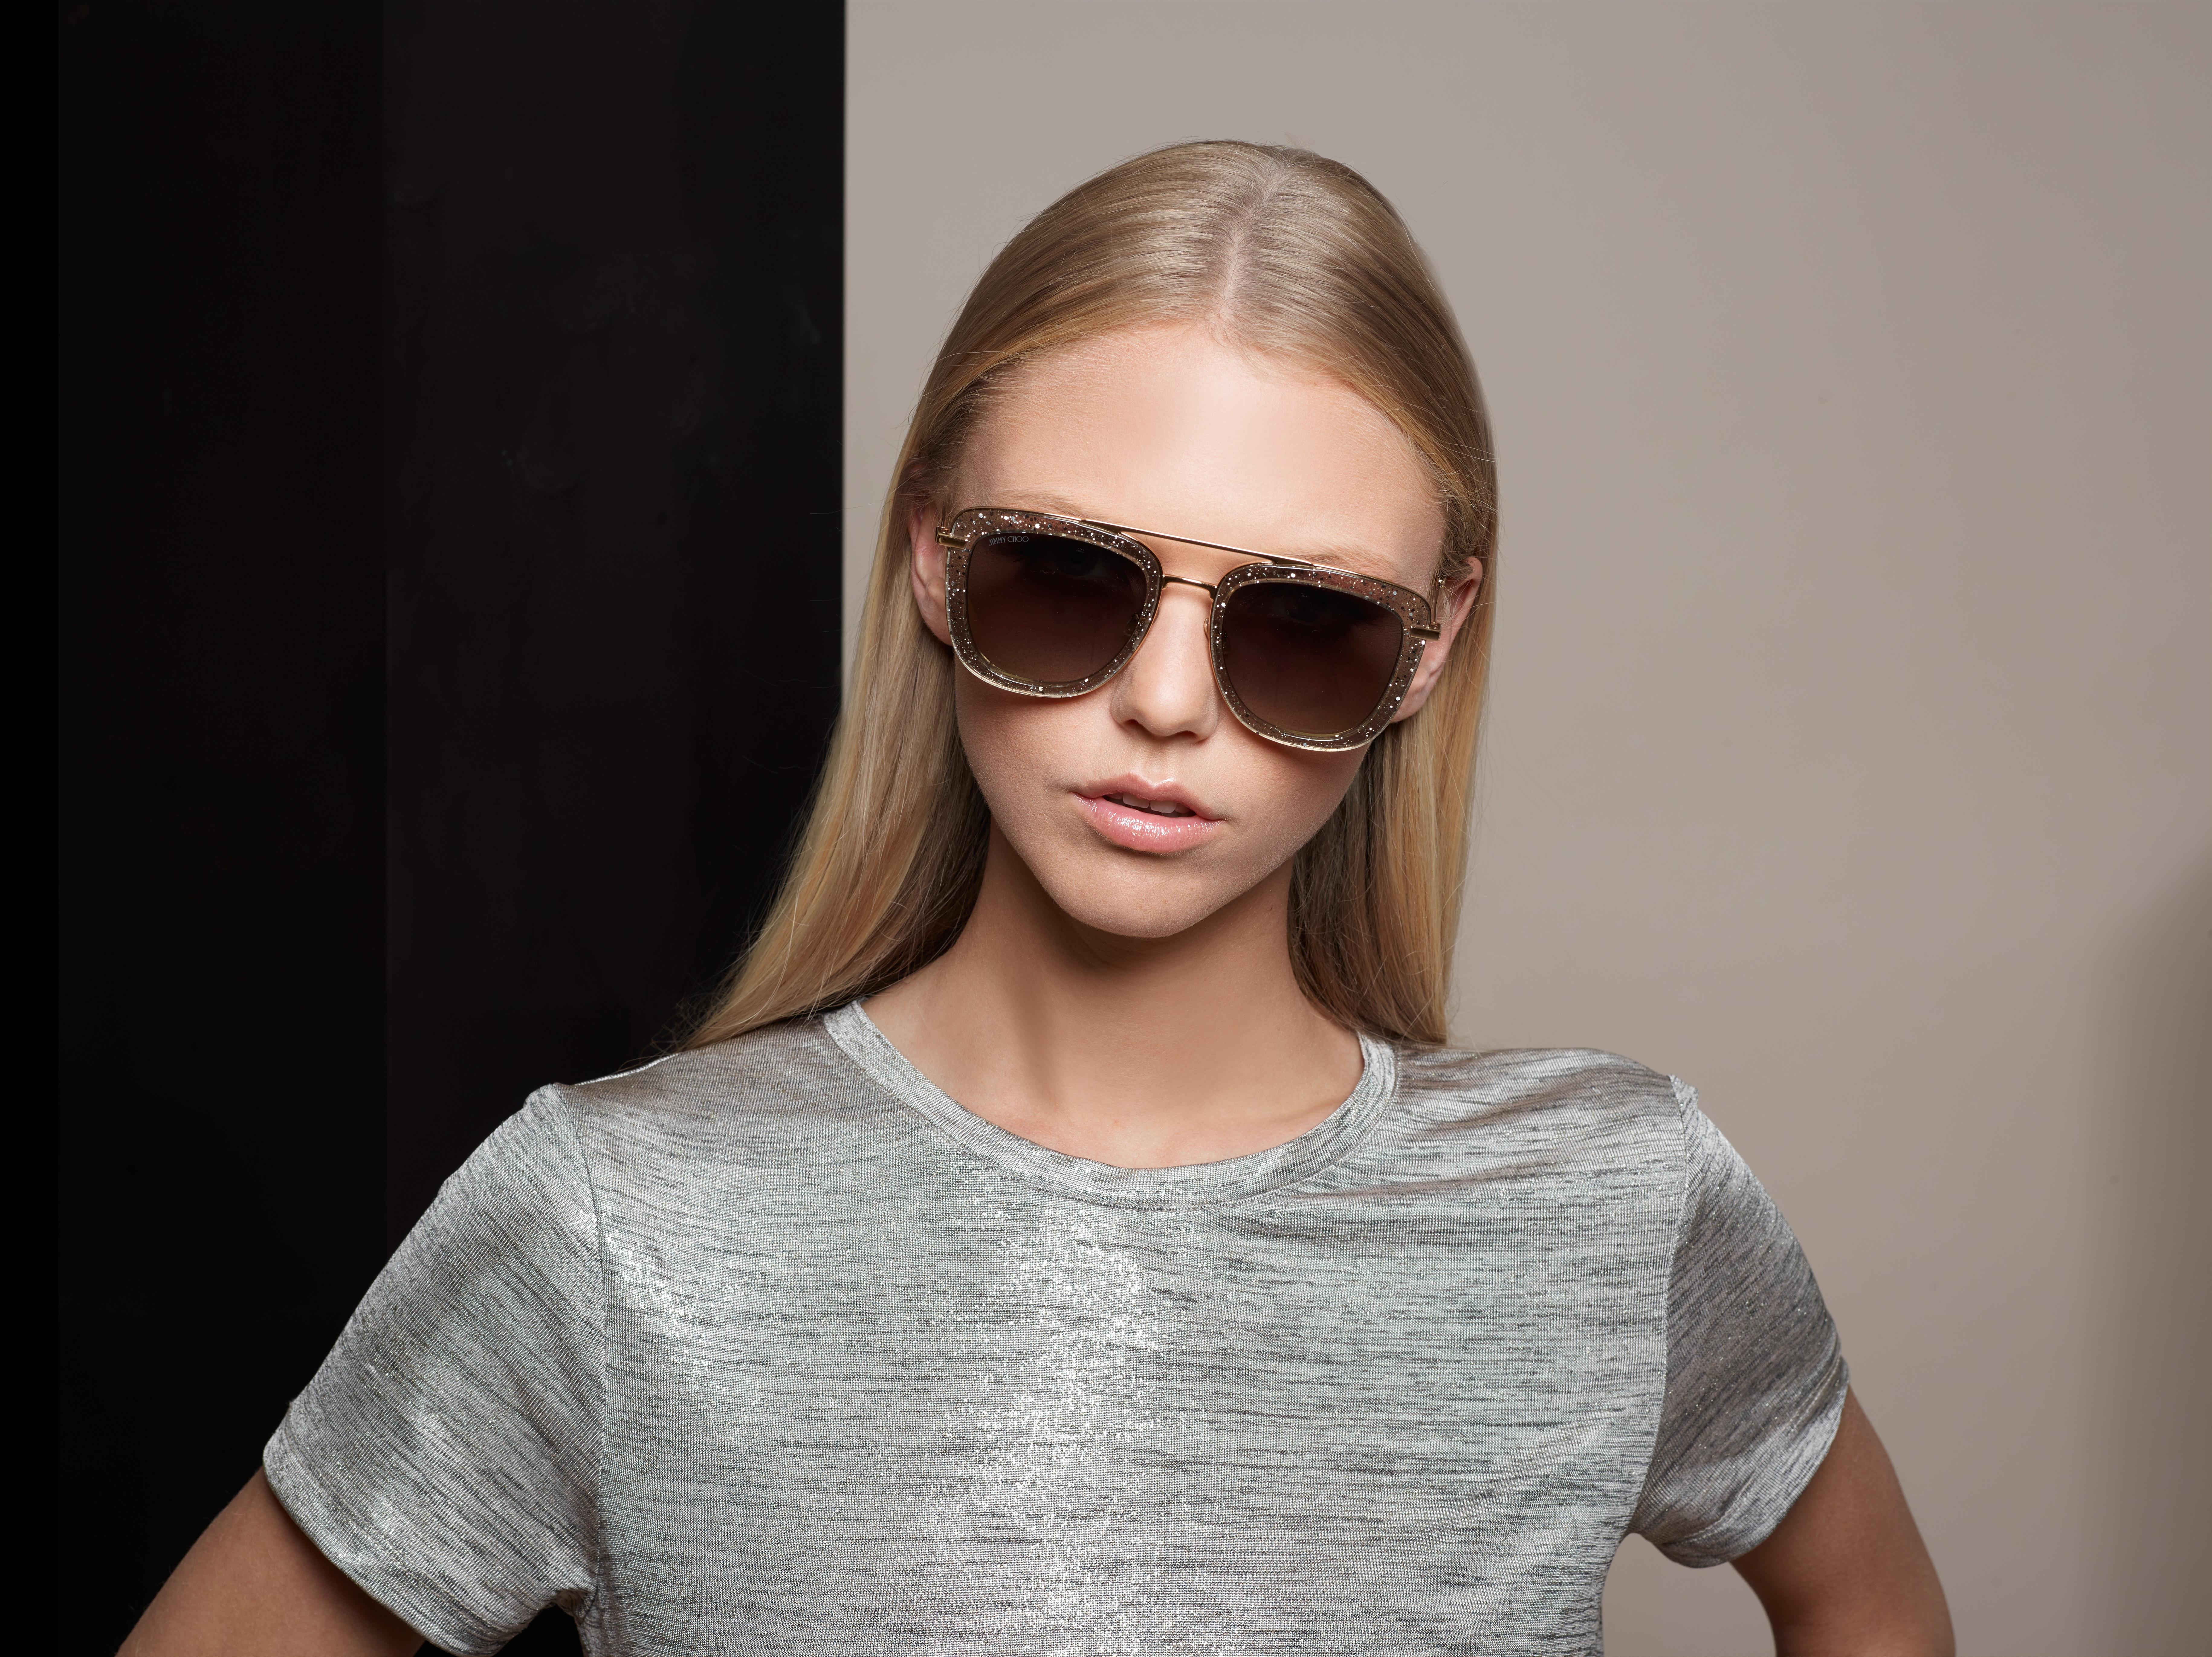 Zonneglasactie = 1 glas gratis bij aankoop van een zonnebril op sterkte - optiek Lammerant